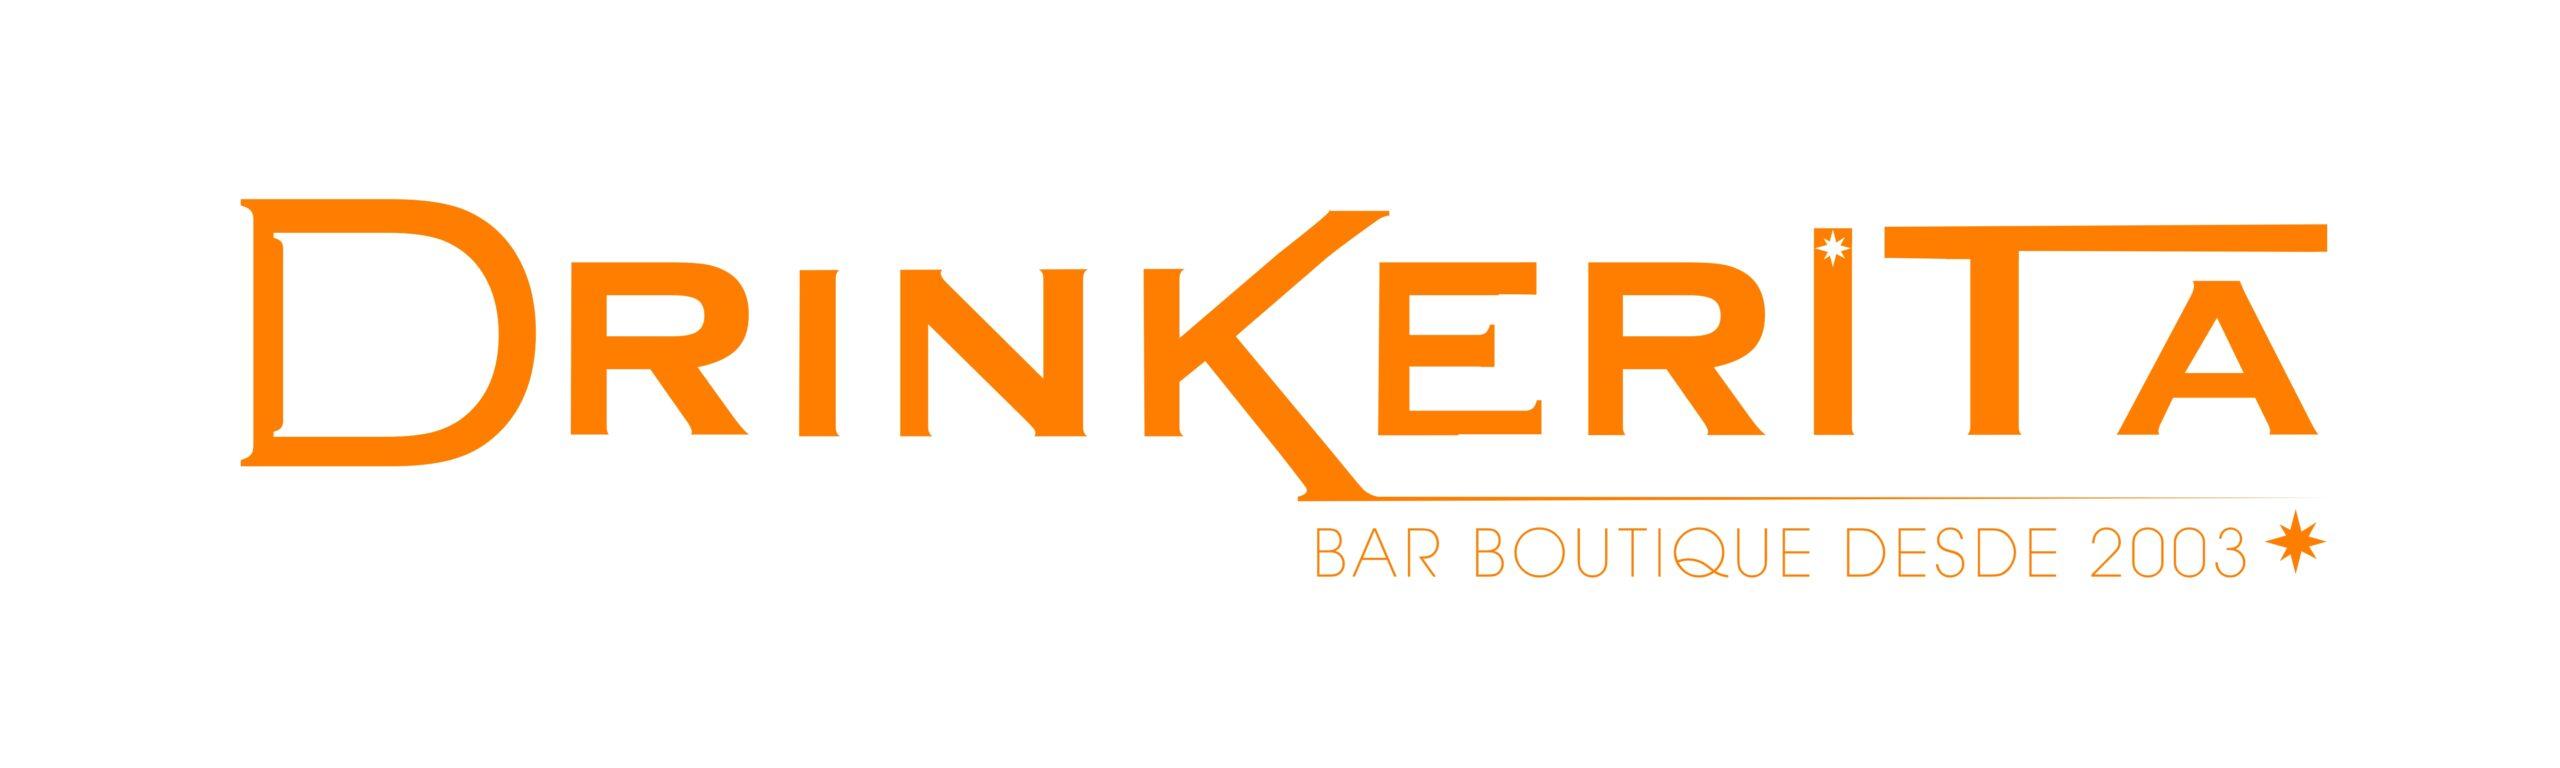 drinkerita.com.br